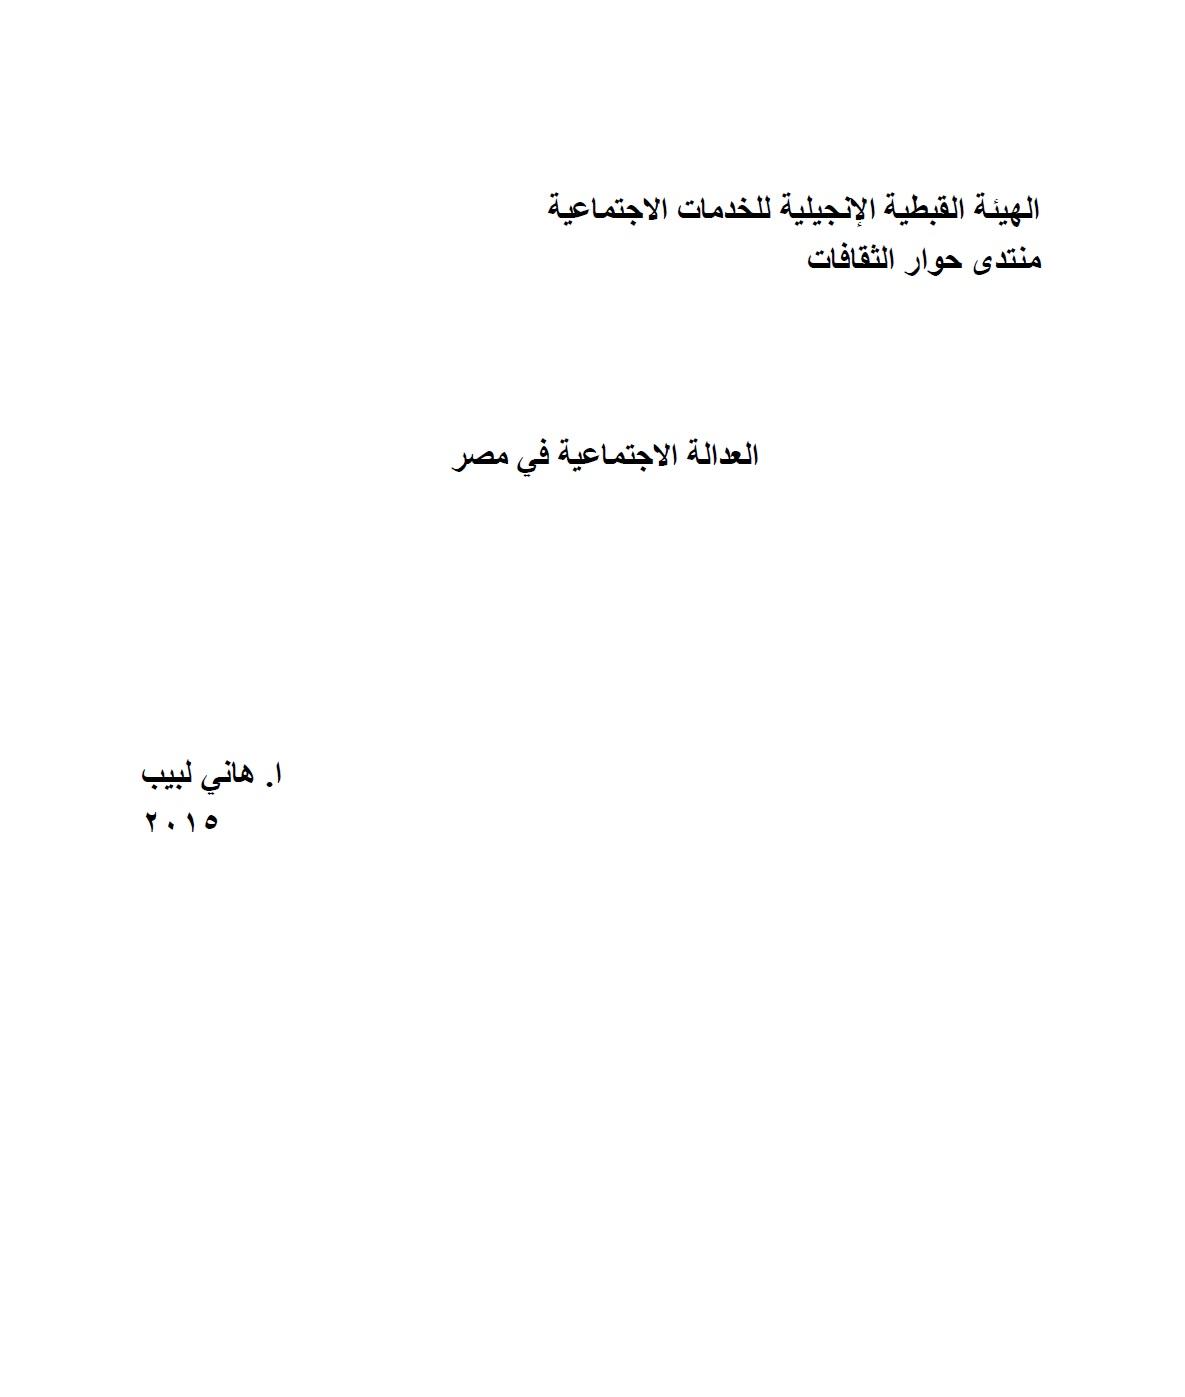 ورقة رأي:العدالة الاجتماعية في مصر